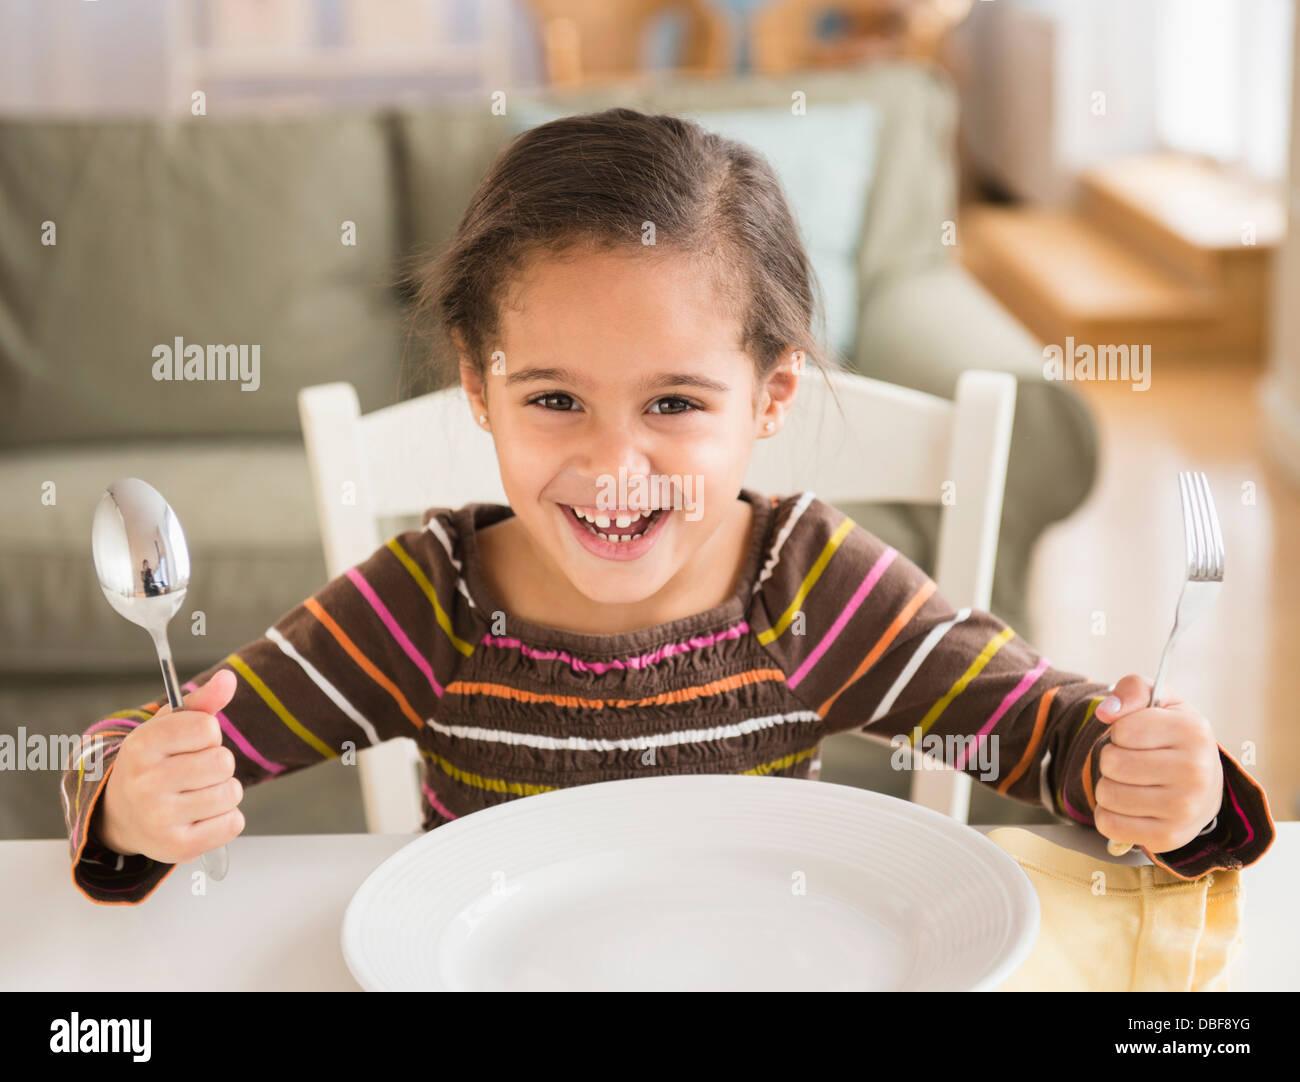 Chica hispana pidiendo comida en la mesa Foto de stock